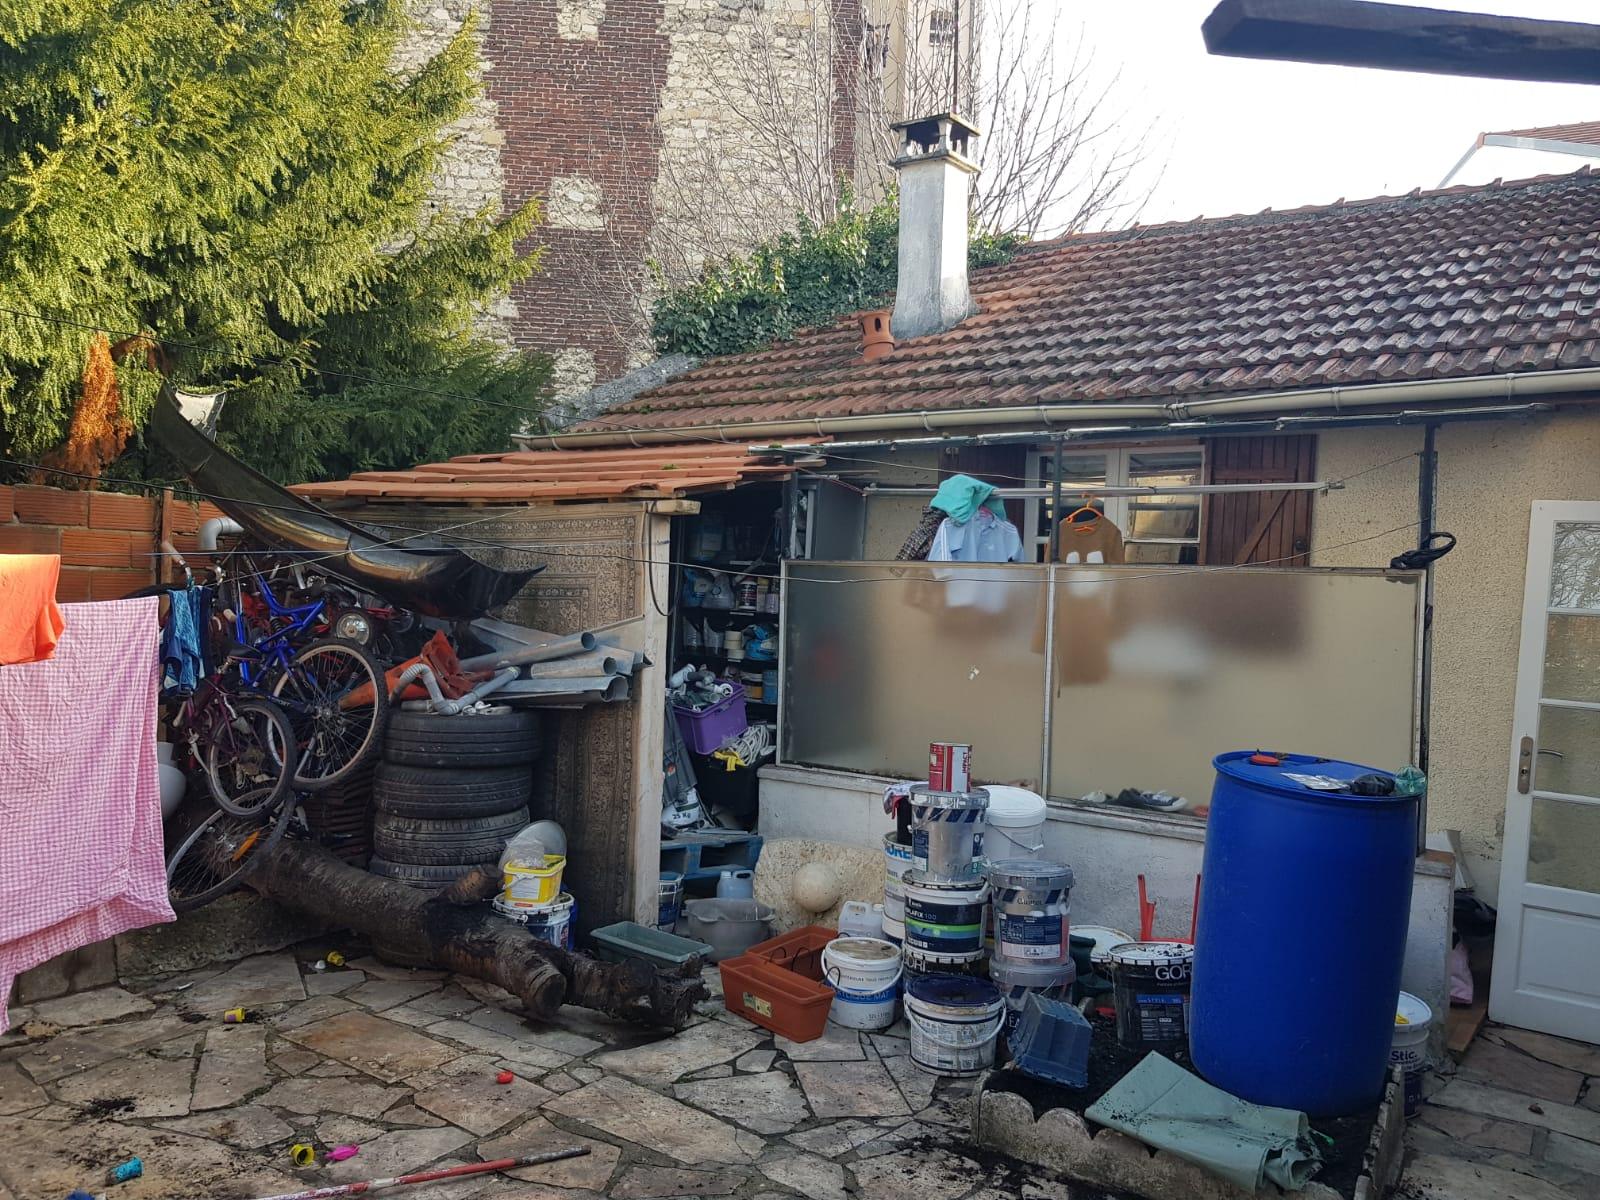 Sa maison occupée contre son gré, une Martiniquaise campe dans le garage de ses amis